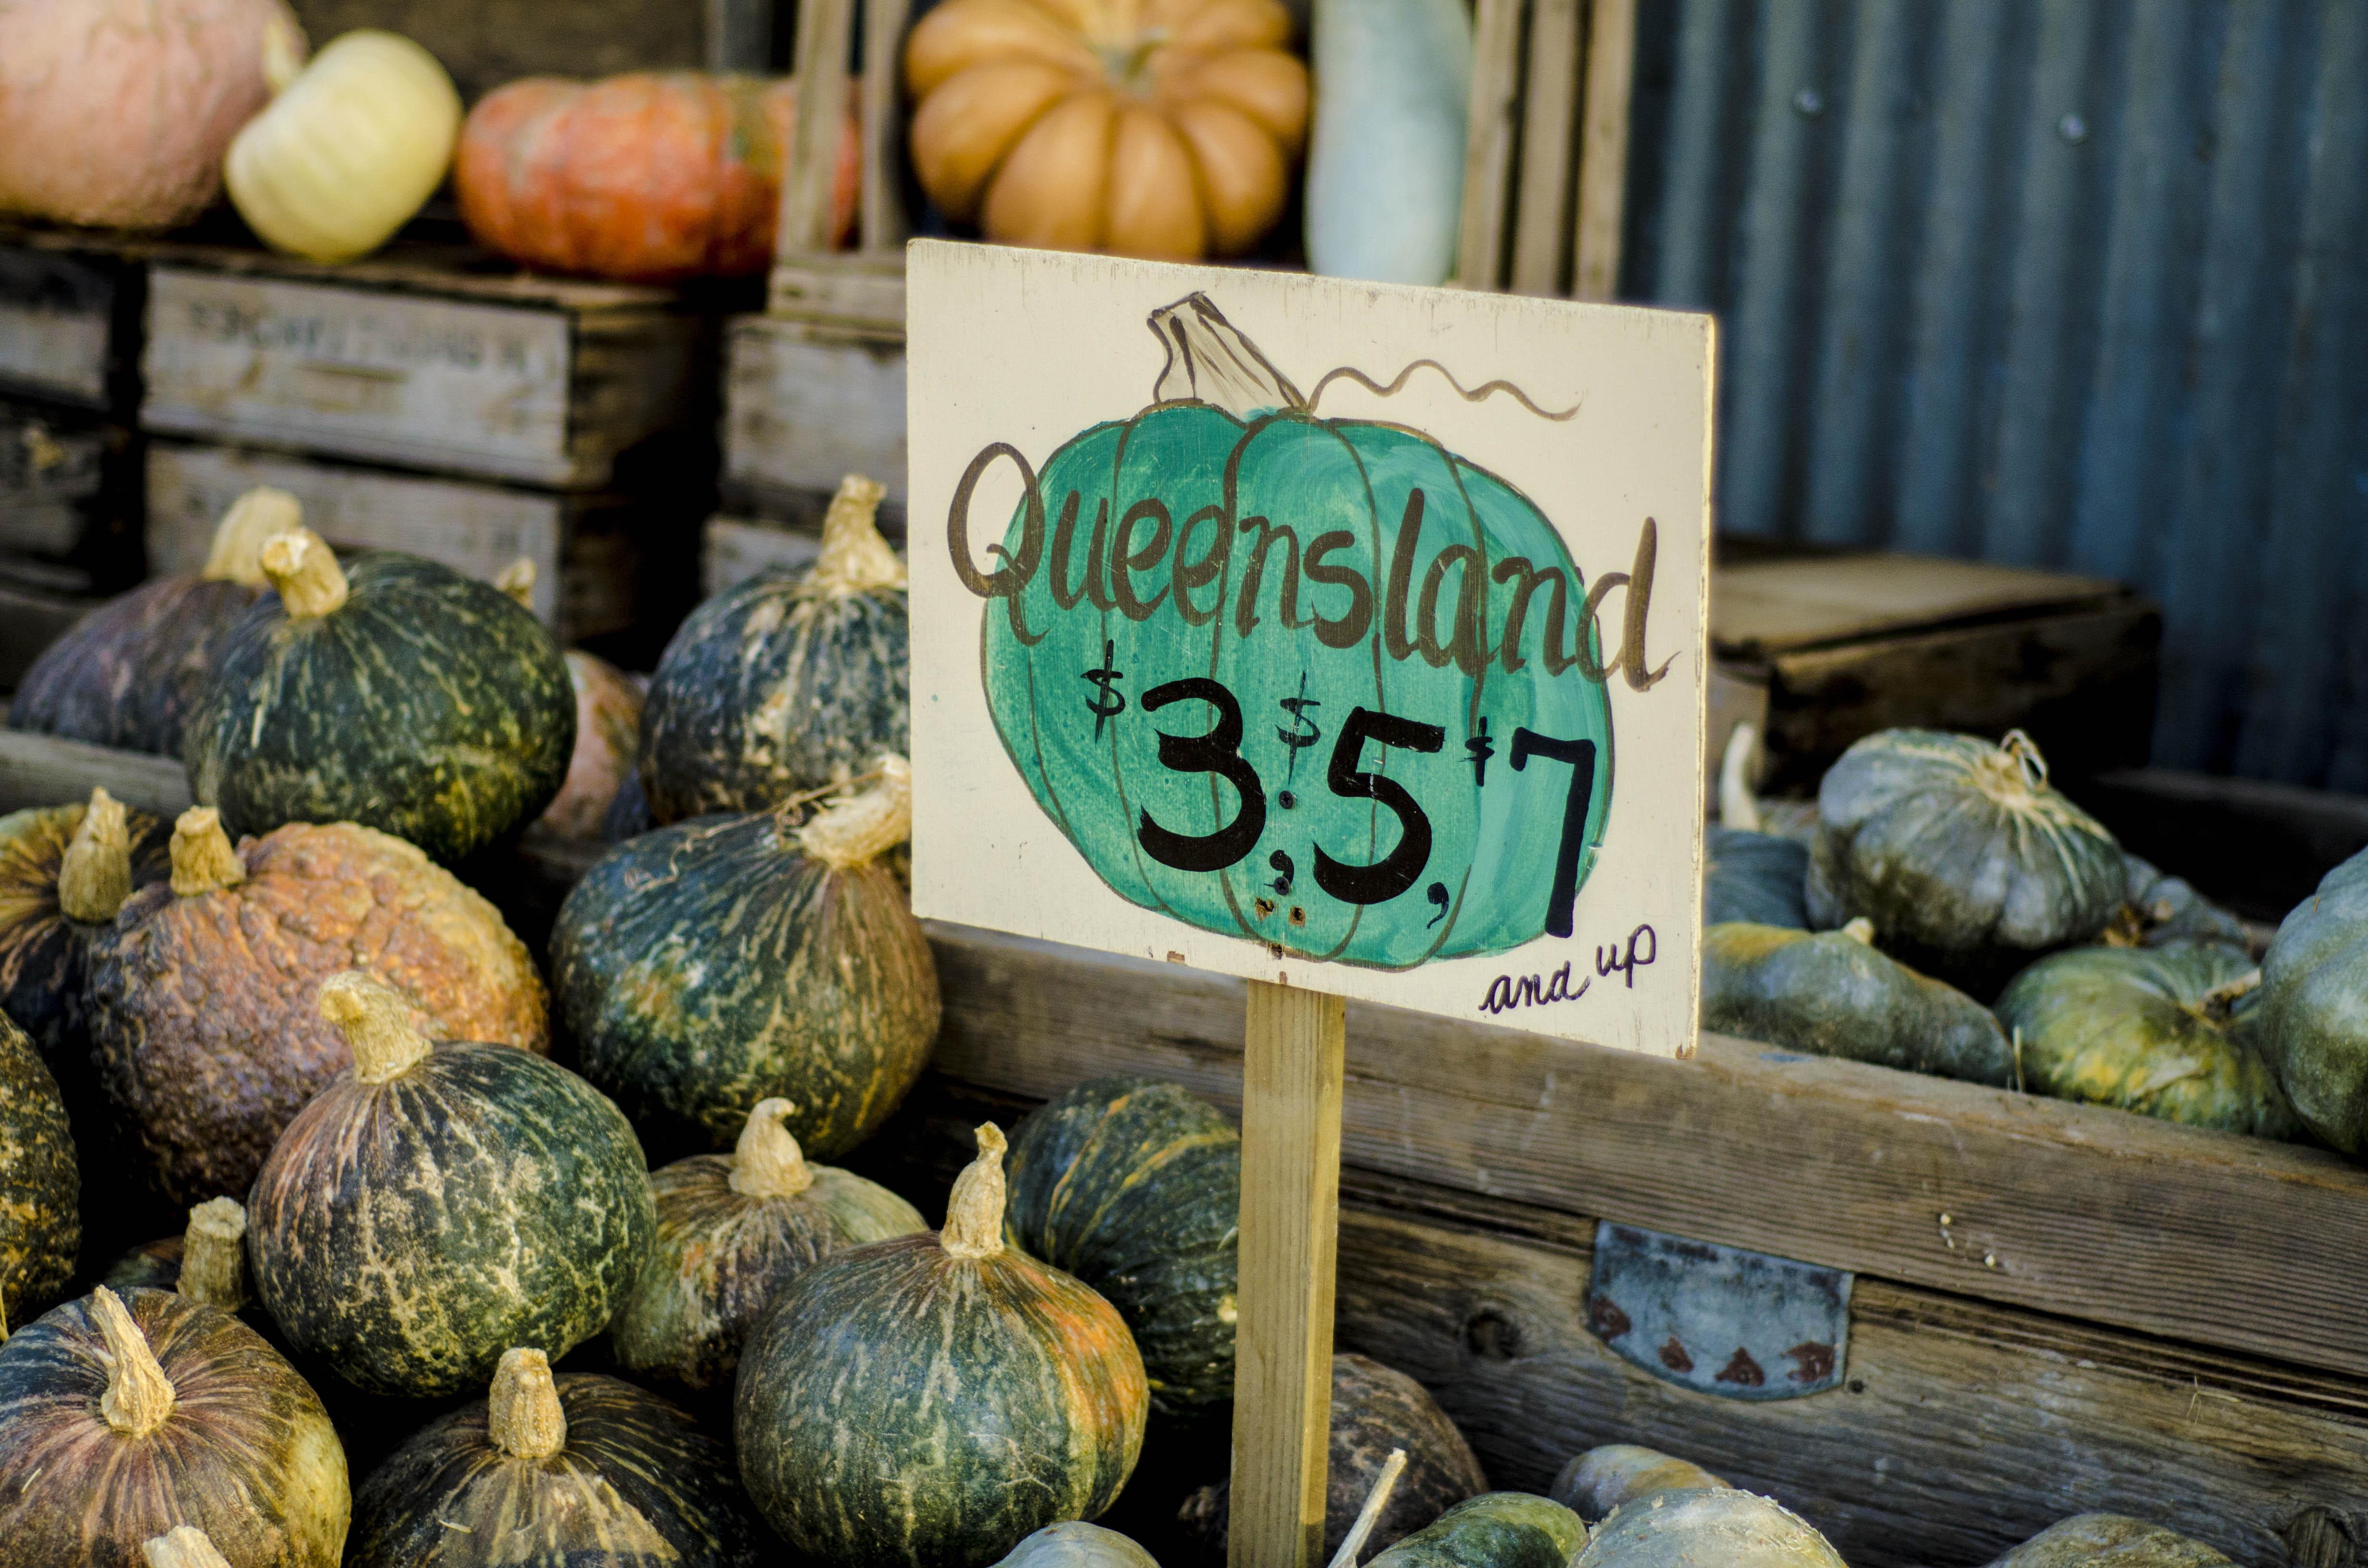 Queensland Heirloom